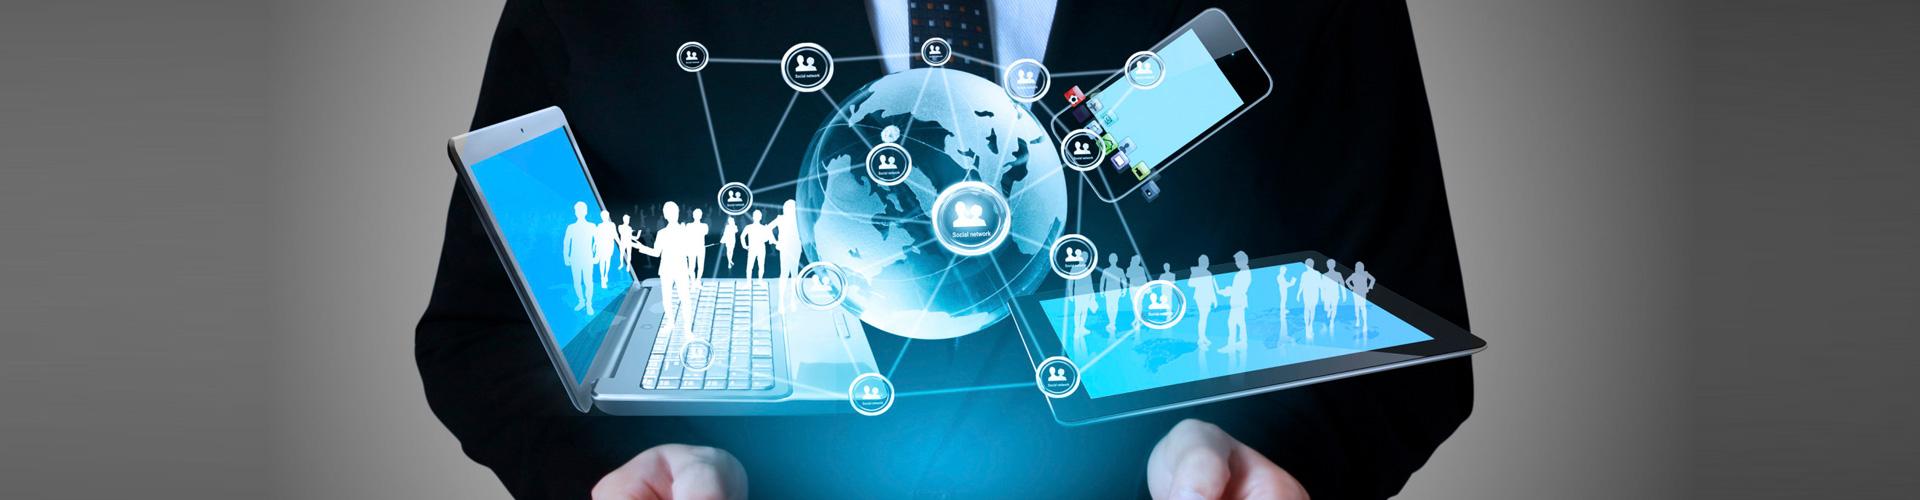 Актуальные виртуальные номера для бизнеса